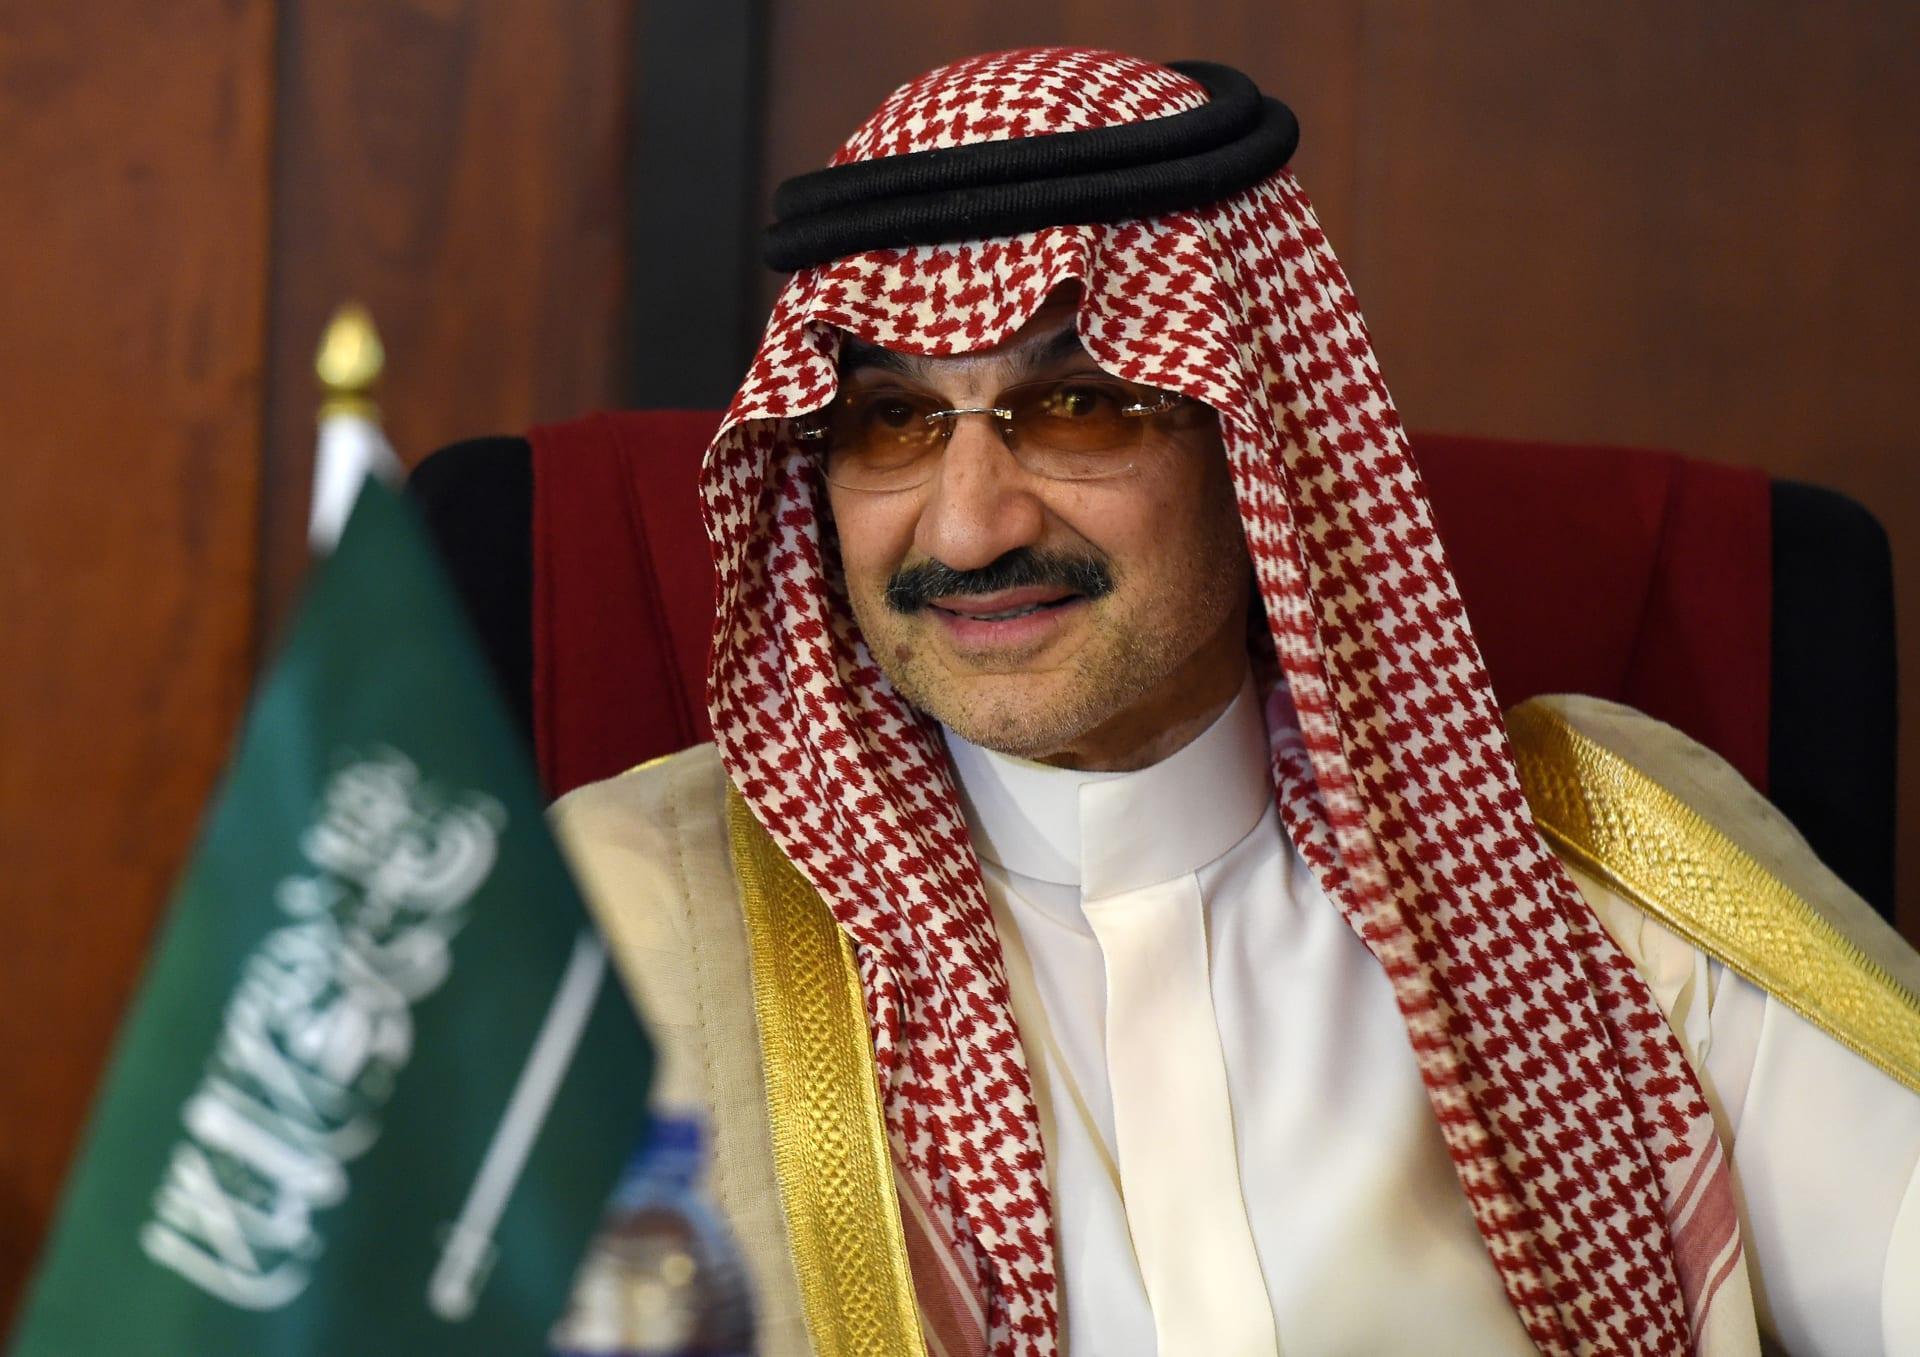 رئيس الهلال يستلم دعما ماليا بقيمة مليوني ريال من الوليد بن طلال